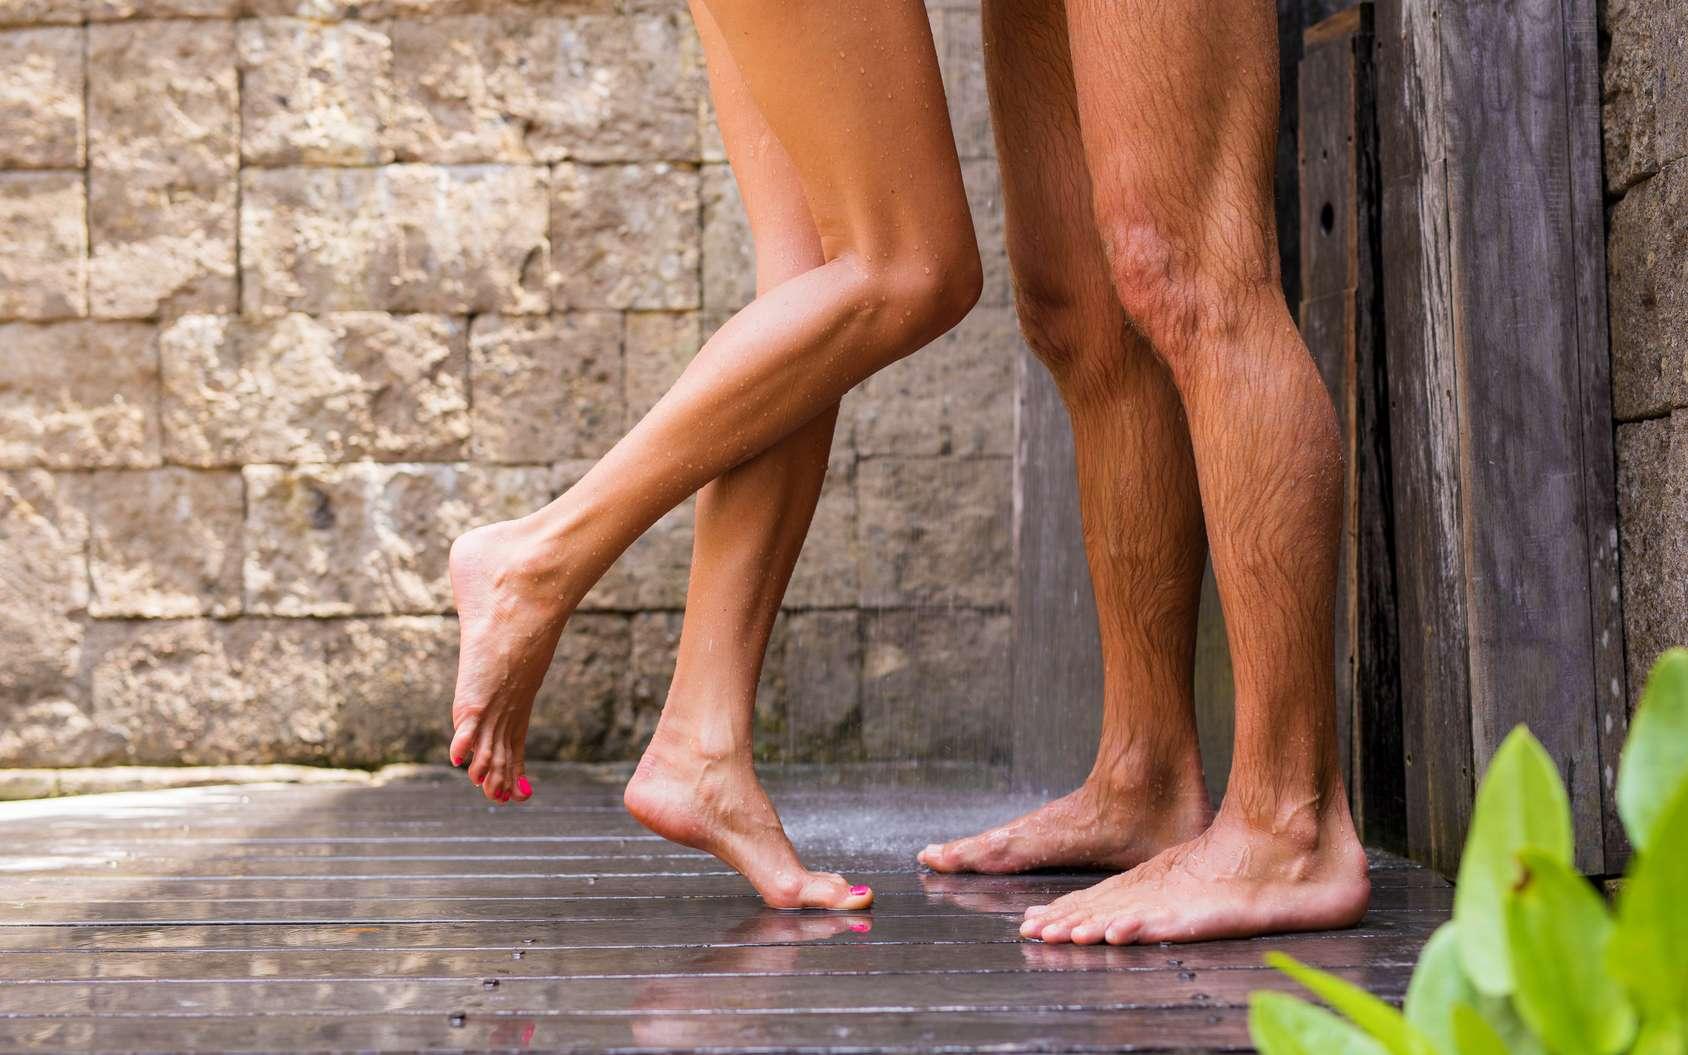 Les femmes sont davantage séduites par les hommes aux jambes longues. © Kaspars Grinvalds, Fotolia